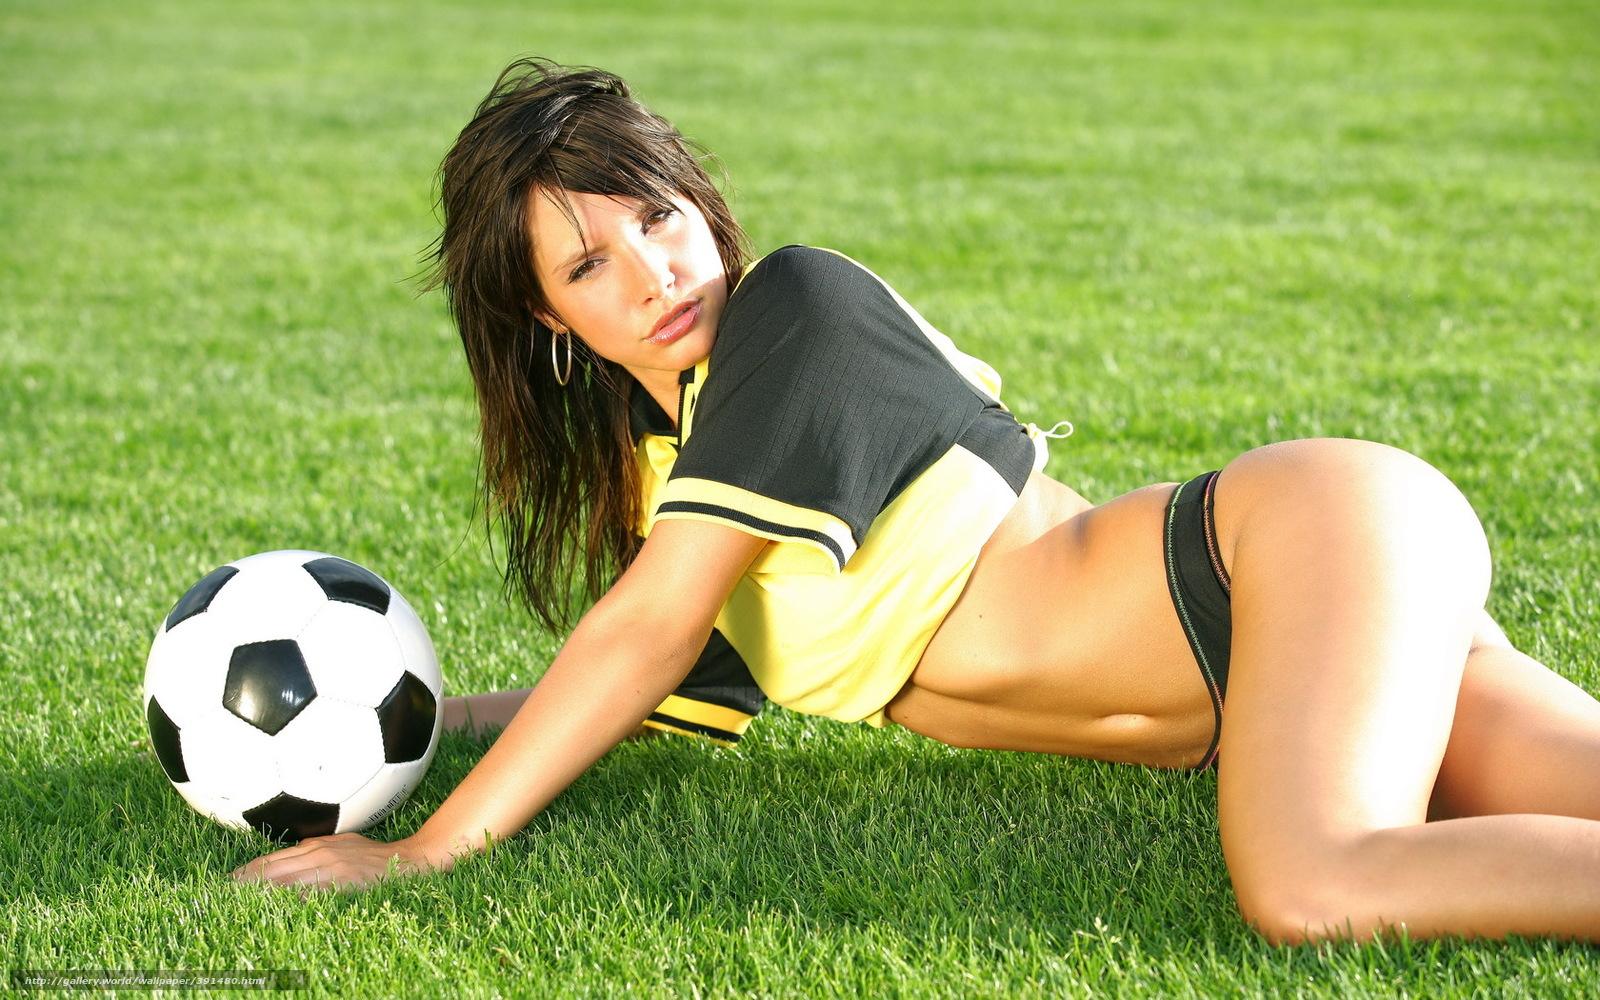 Сексуальные девушки с мячом 21 фотография